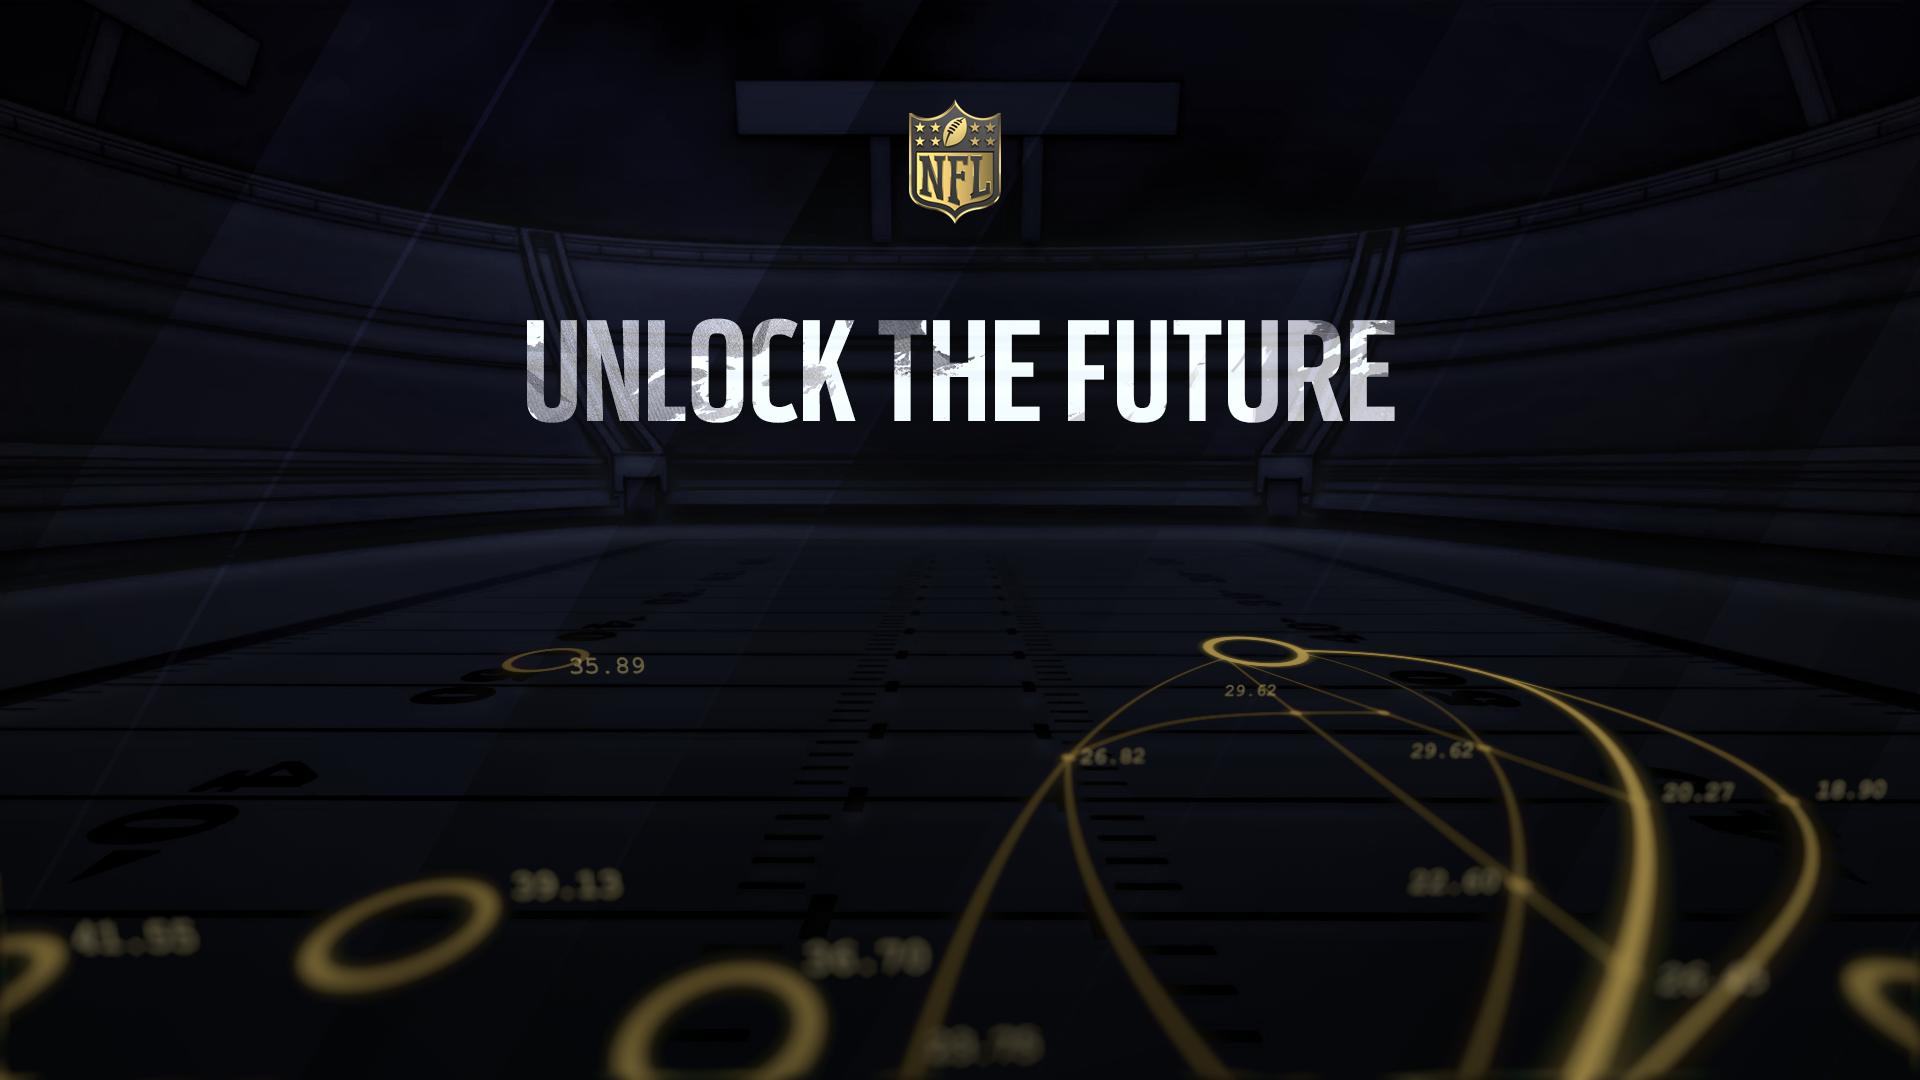 Unlock the Future